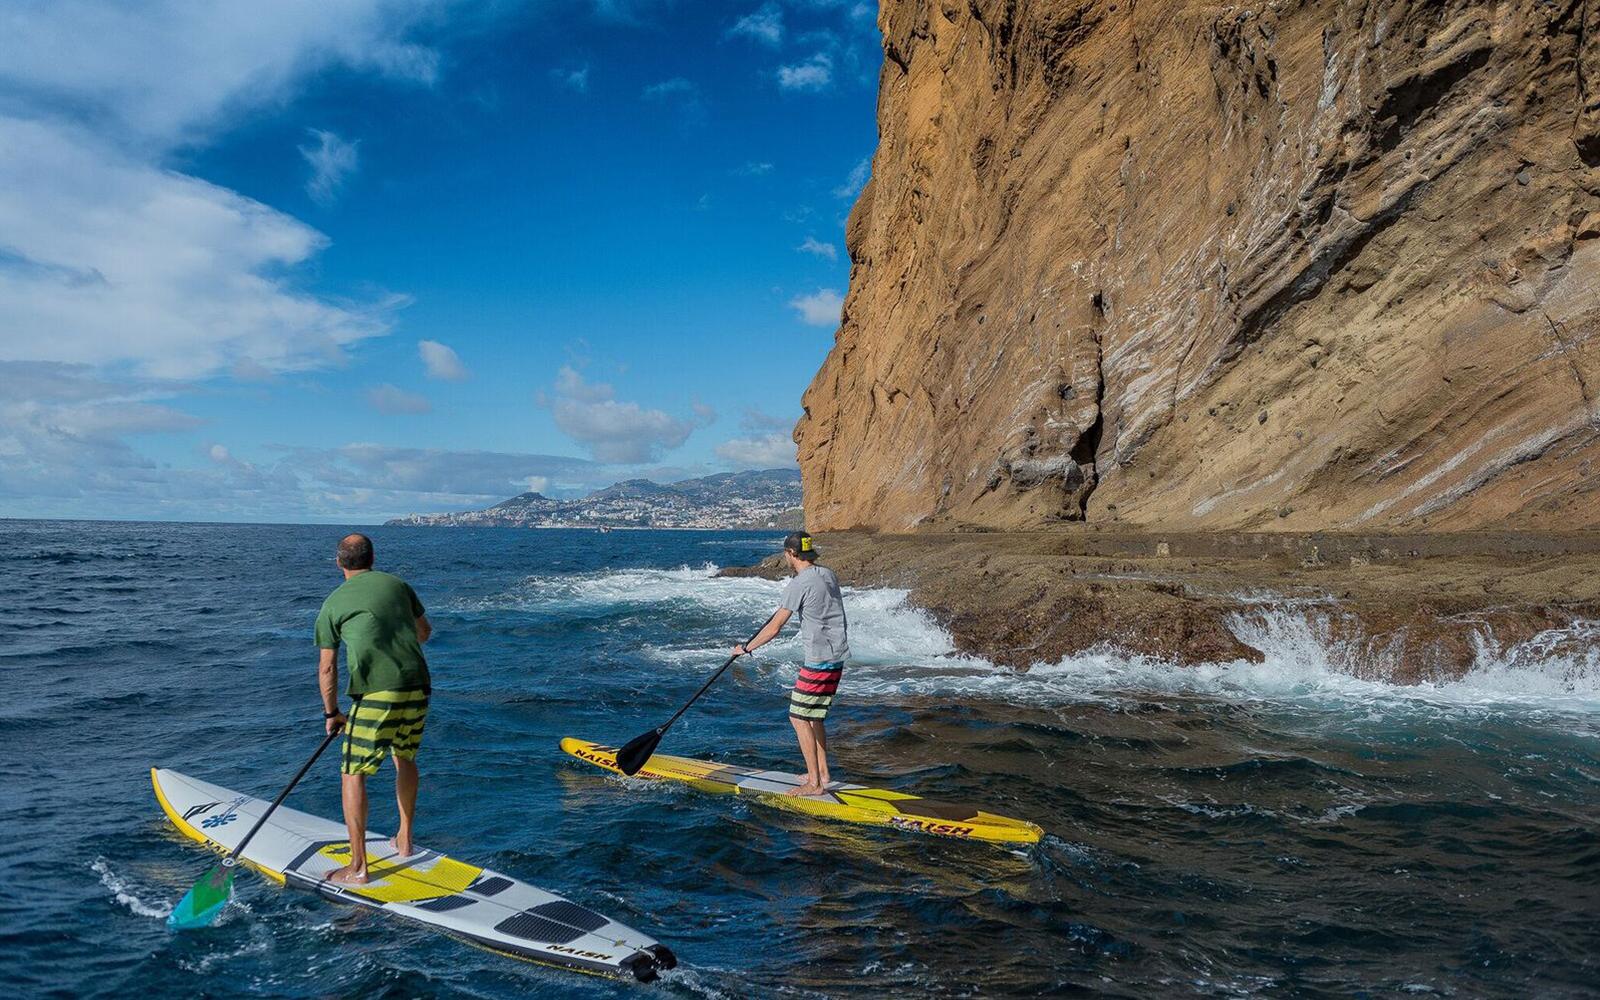 Ilha da Madeira 2 - Boat Shopping